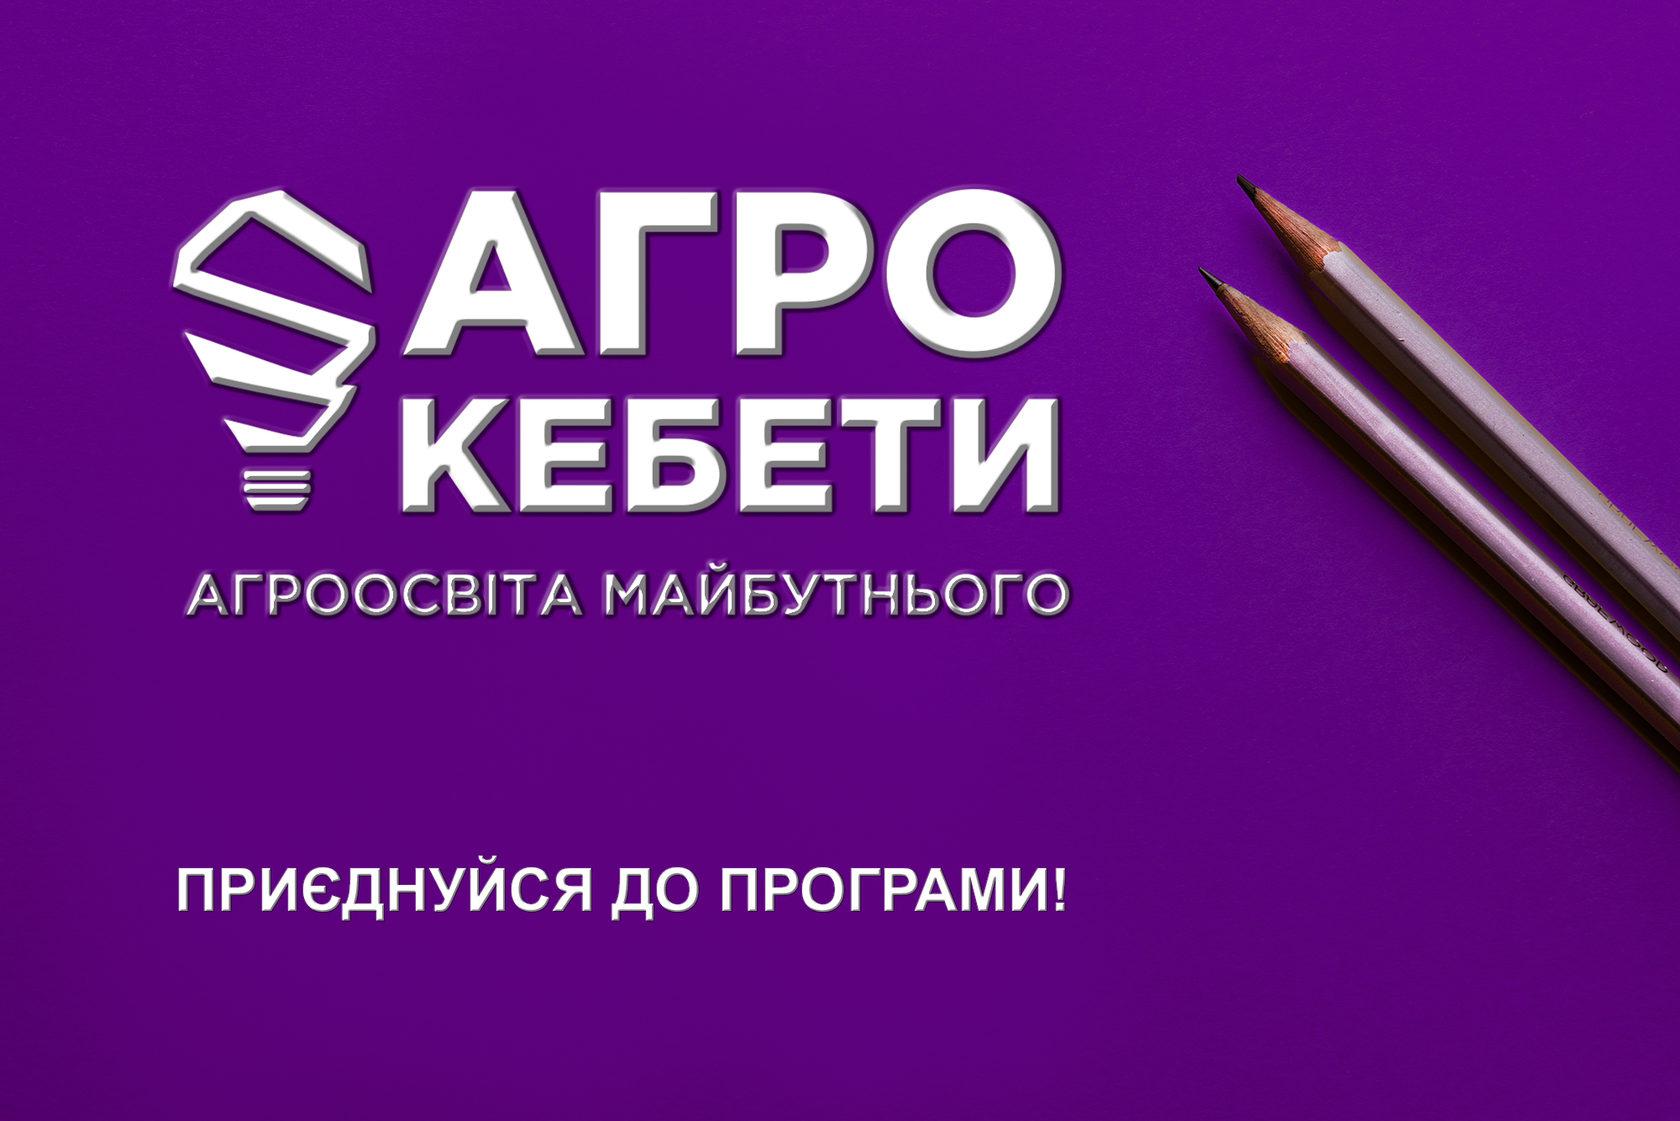 11 червня відбудеться «Круглий стіл» щодо запуску магістерської програми «Агрокебети»